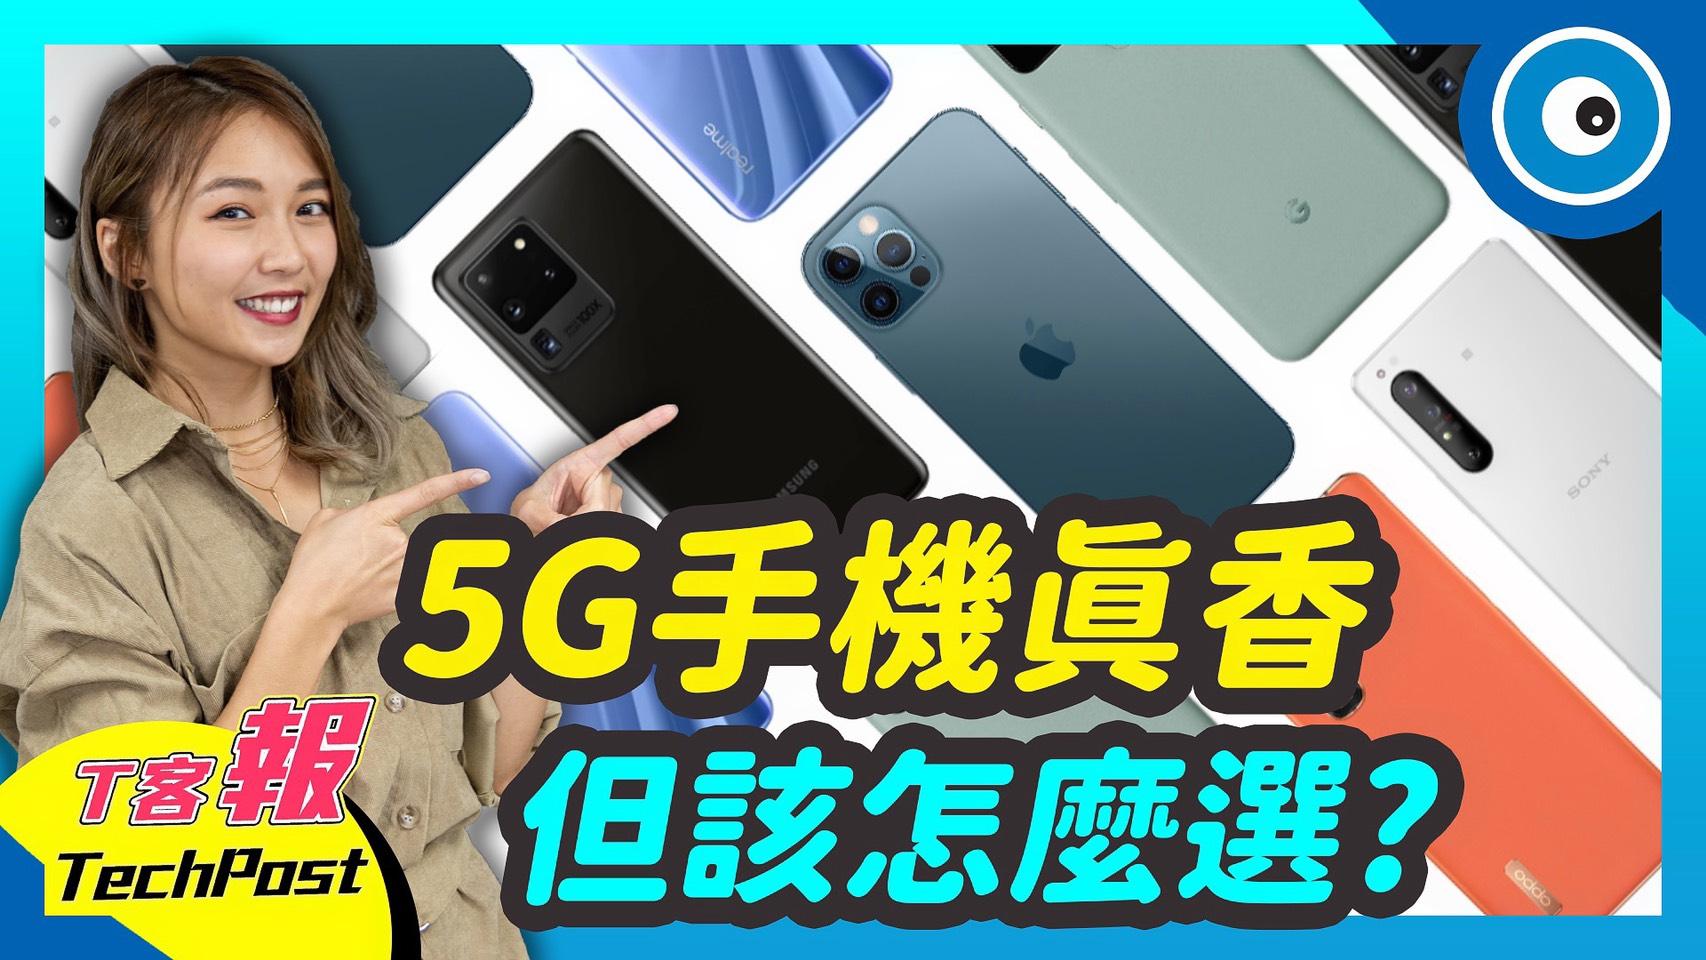 【T客報】5G手機選擇障礙?三大使用需求告訴你怎麼買才正確